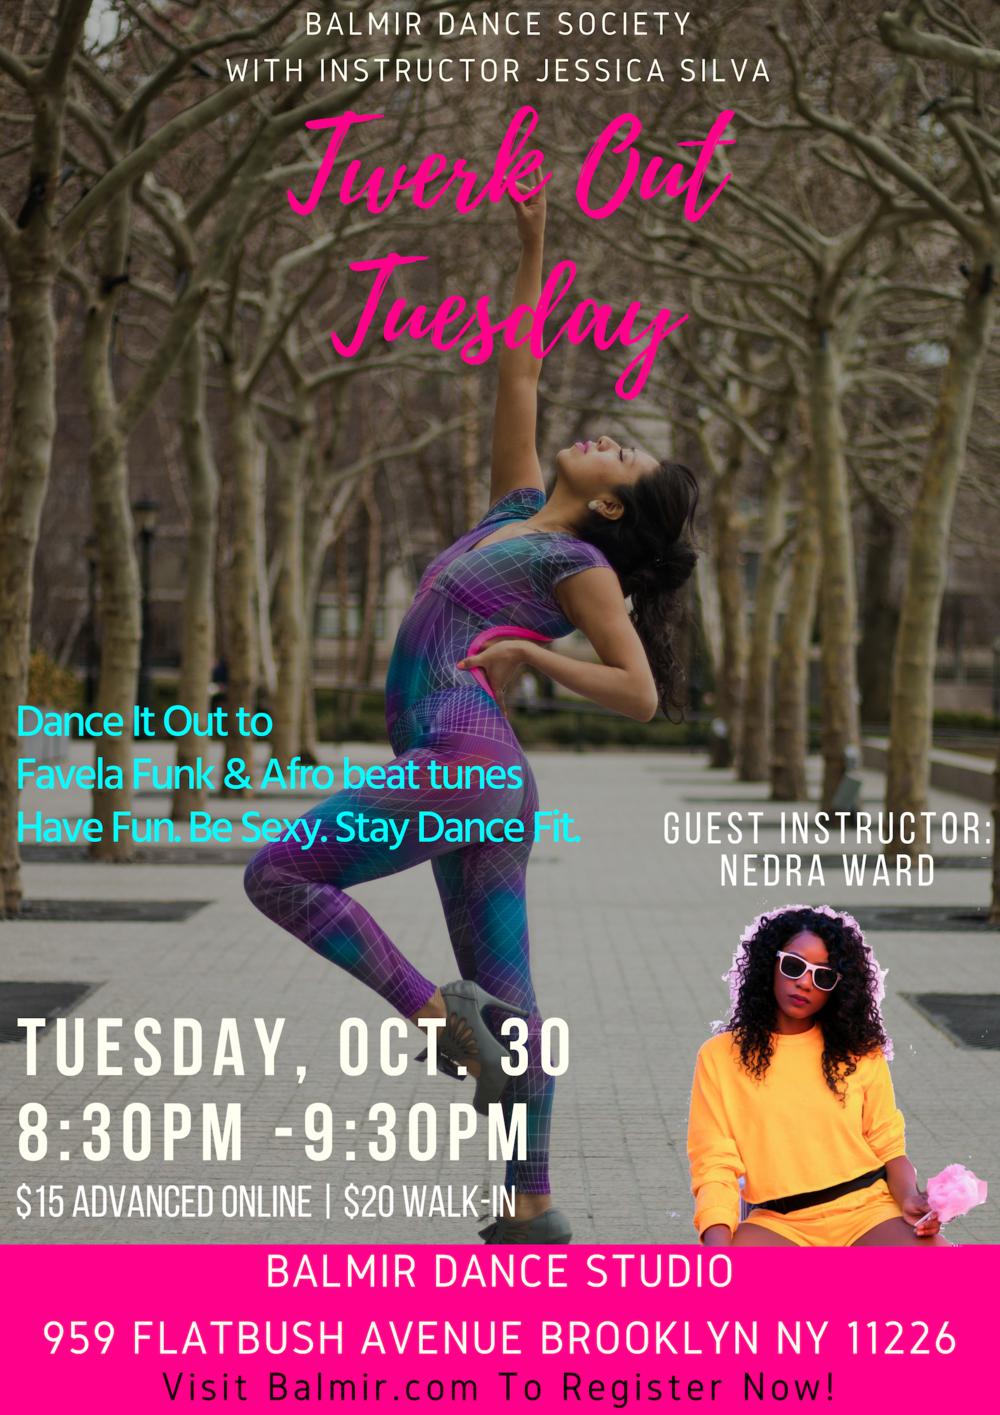 Twerk Out Tuesday Brooklyn Balmir Dance Class.png